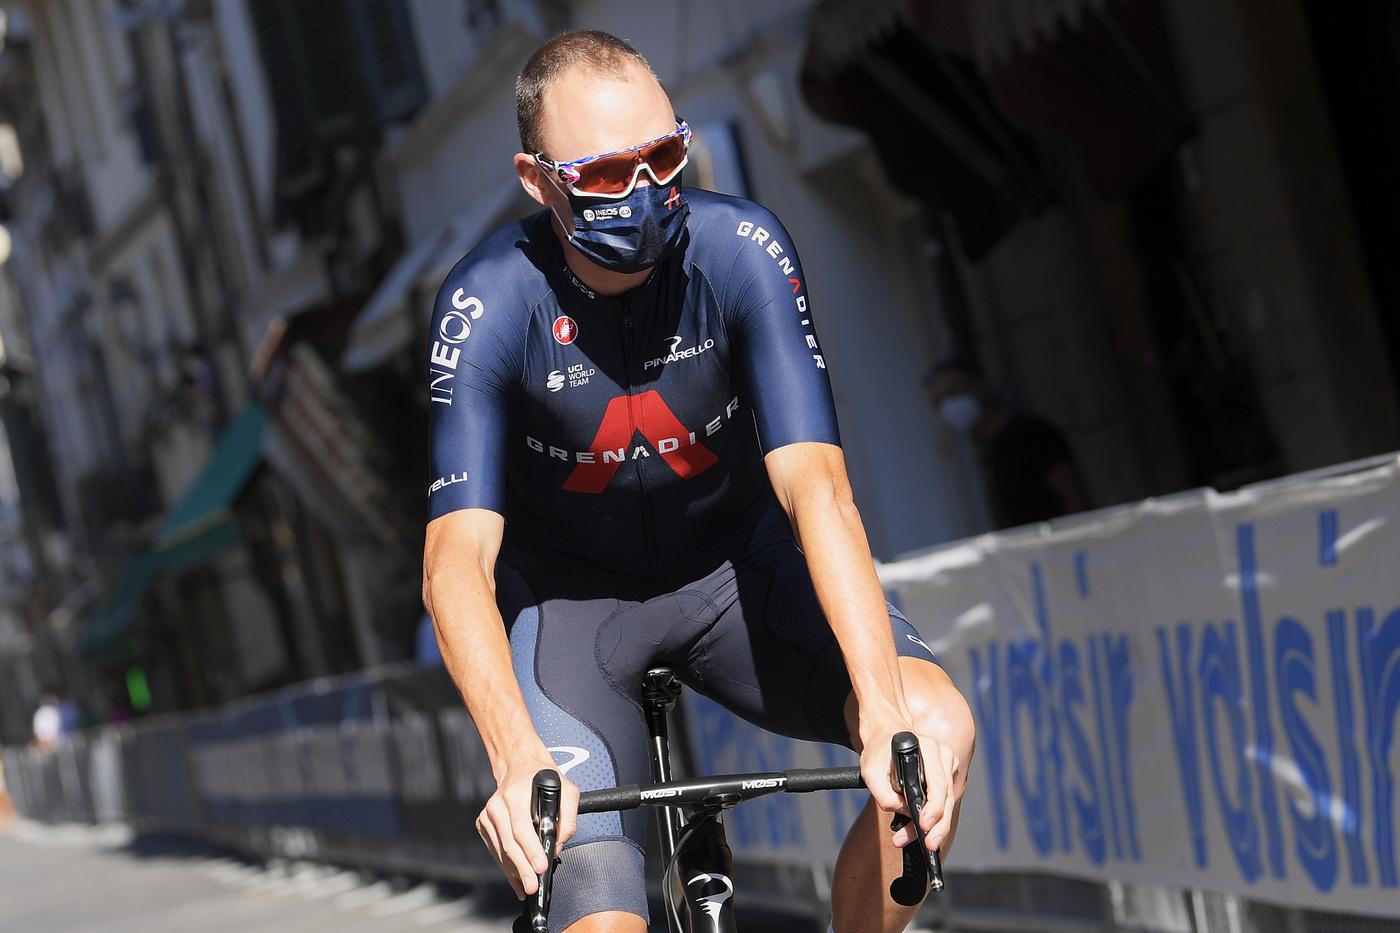 Vuelta a España 2020, Chris Froome sprofonda in avvio: 11 minuti di ritardo! Il britannico non è più tornato dopo il brutto infortunio